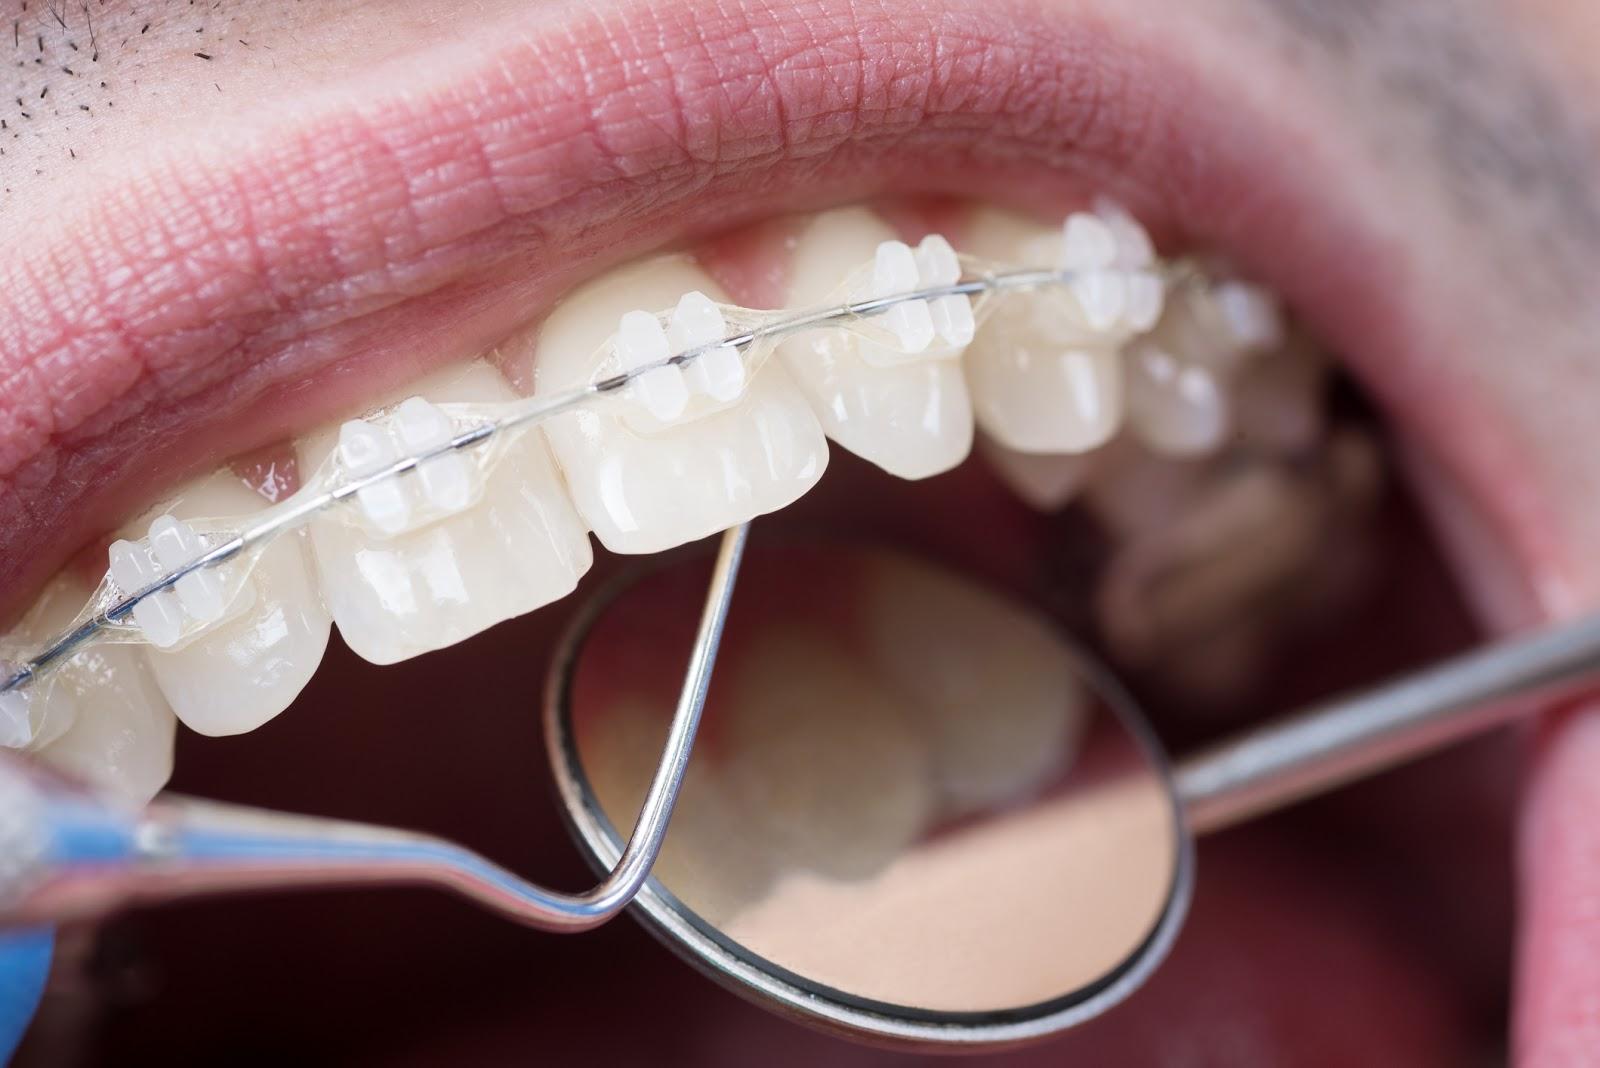 Prezzo apparecchio dentale fisso